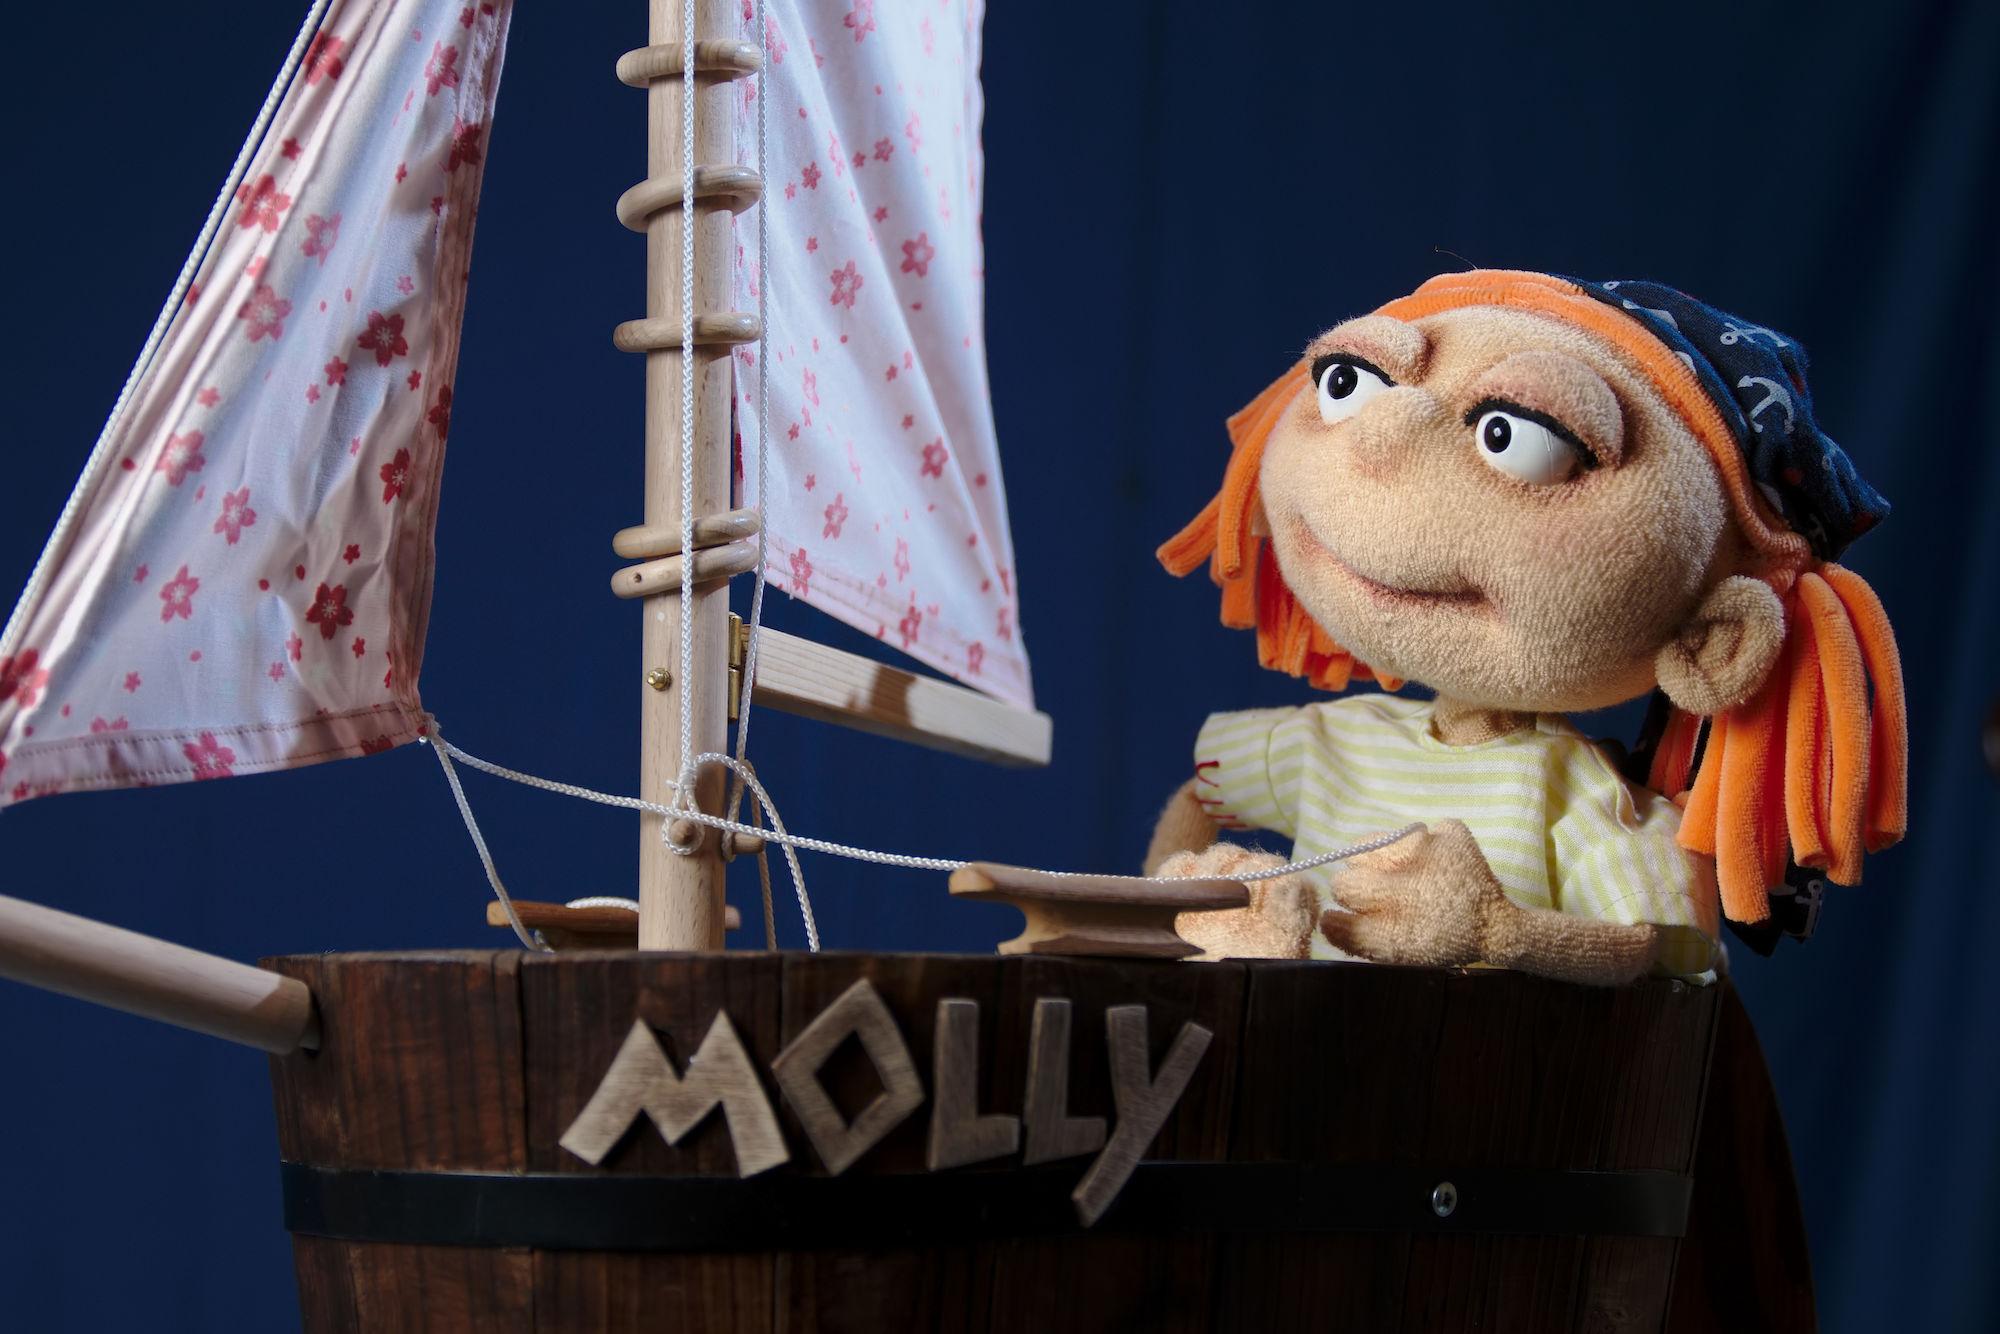 Doch ein Schiff hätten sie besser vorbeifahren lassen sollen, denn an Bord saß Molly.